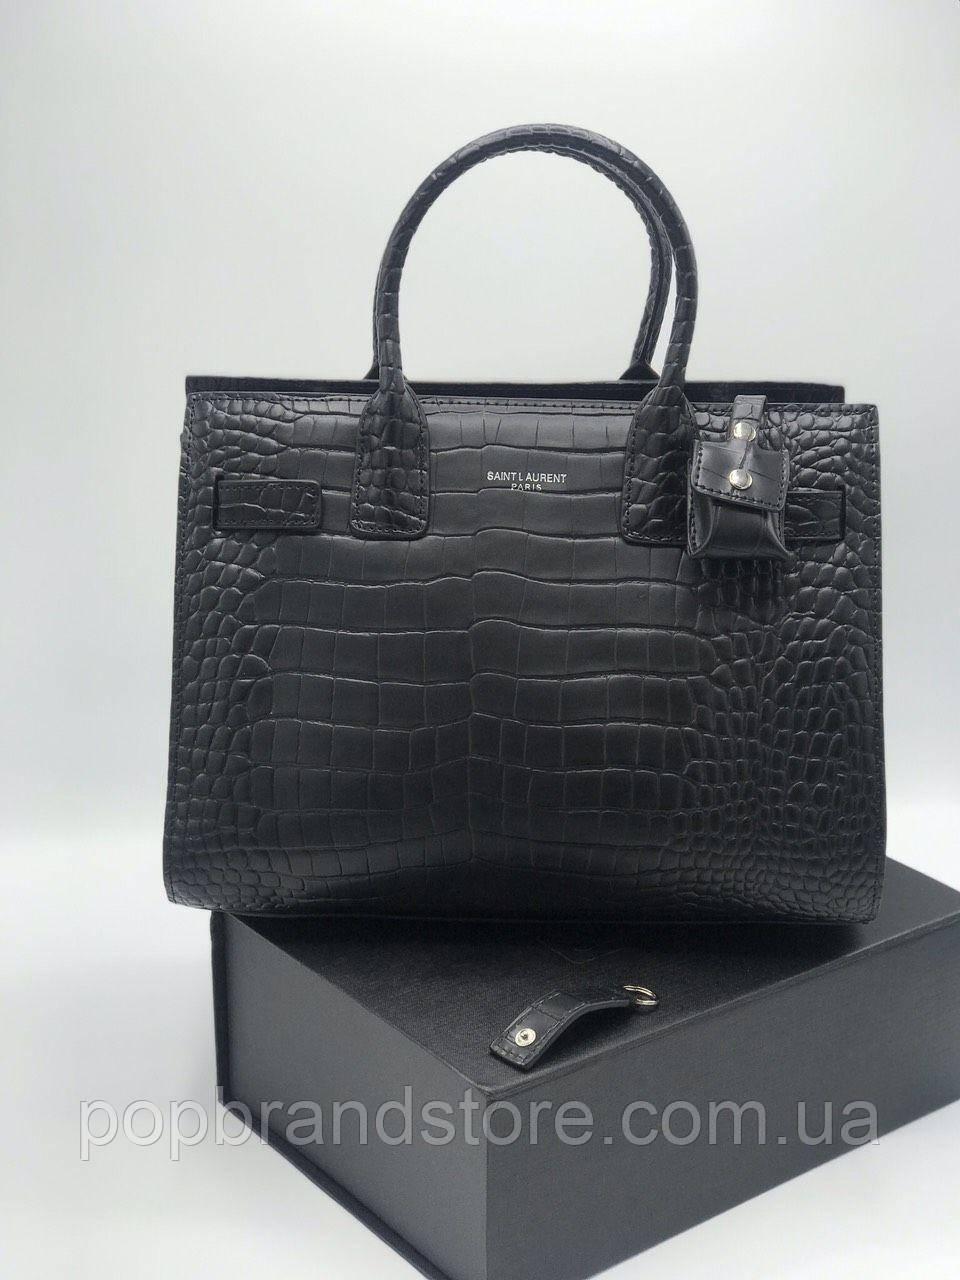 324607c5b6dc Классическая женская сумка SAINT LAURENT Sac de Jour под кроко (реплика) -  Pop Brand